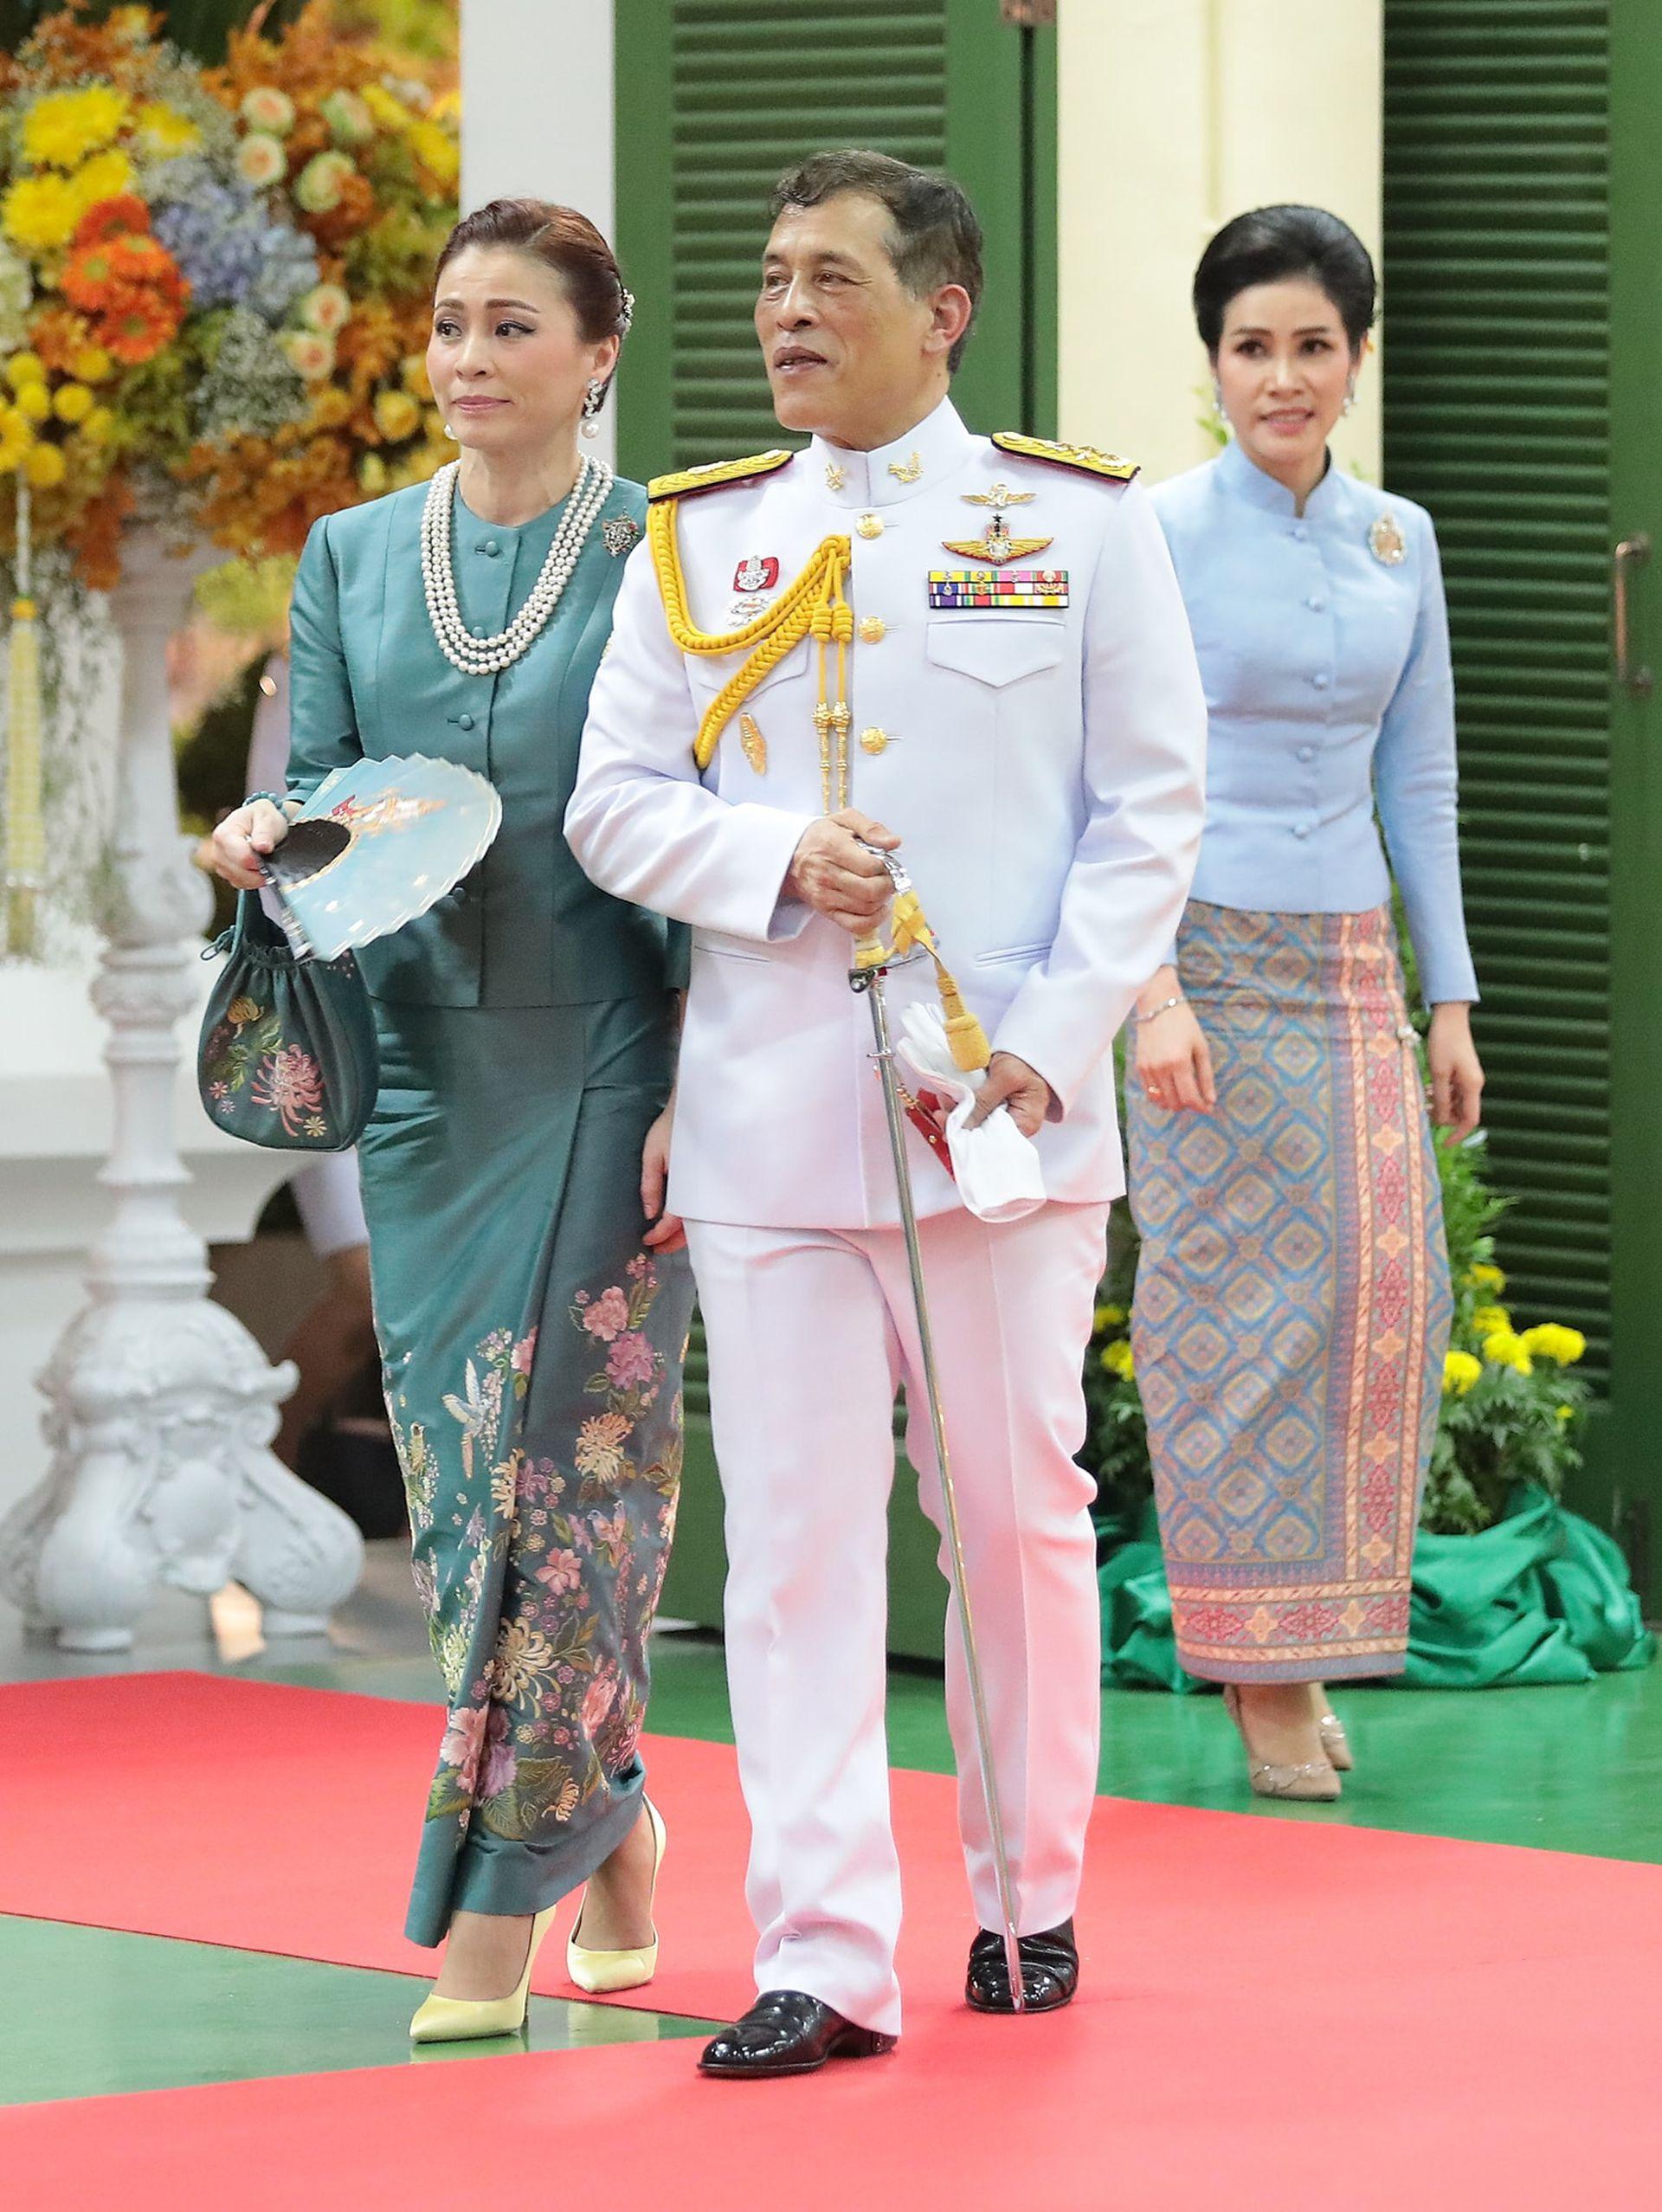 泰国王后晒照手拿扇子 诗妮娜王妃跪在一旁(组图)